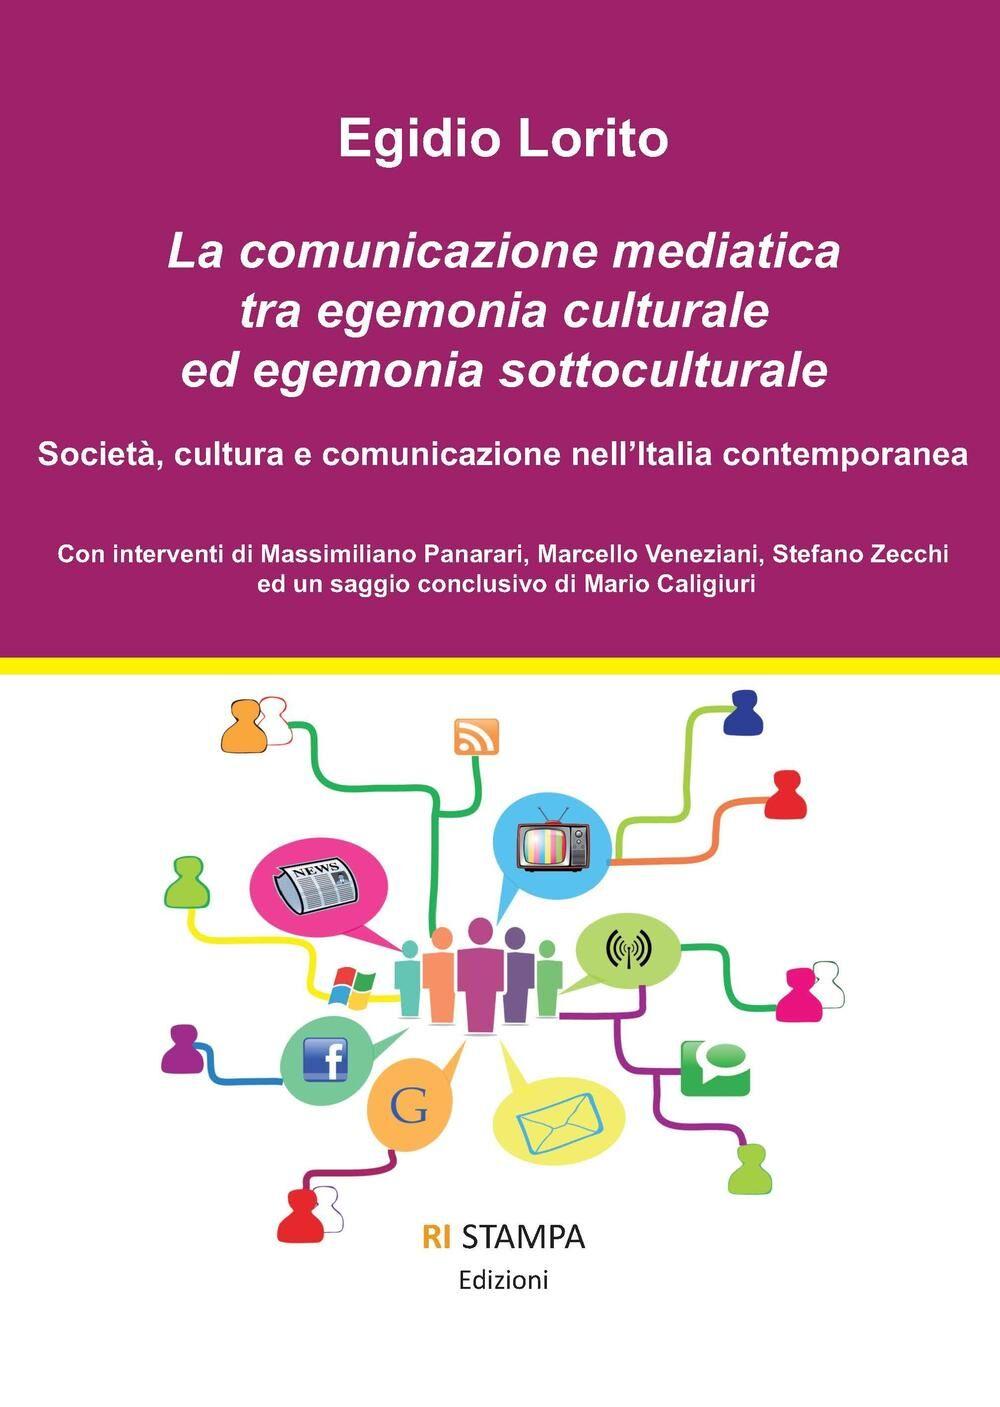 La comunicazione mediatica tra egemonia culturale ed egemonia sottoculturale. Società, cultura e comunicazione nell'Italia contemporanea